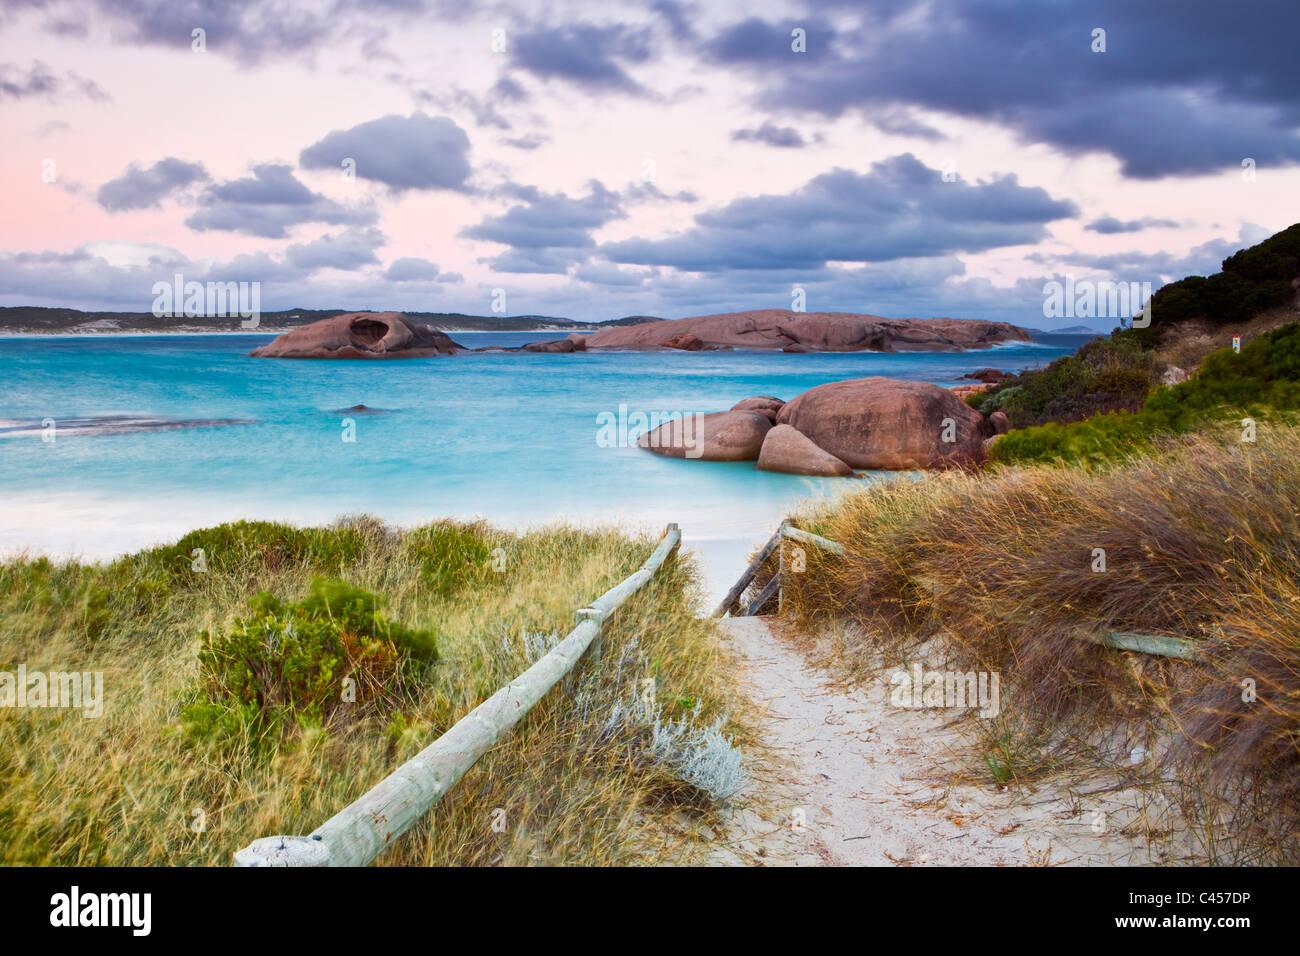 Twilight Cove al crepuscolo. Esperance, Australia occidentale, Australia Immagini Stock